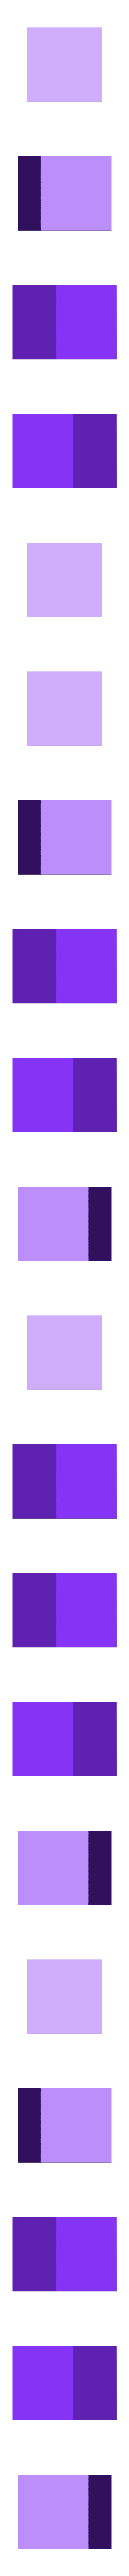 Square.stl Télécharger fichier STL gratuit Frégate Nebulon B (coupée et sectionnée) • Modèle pour impression 3D, Masterkookus